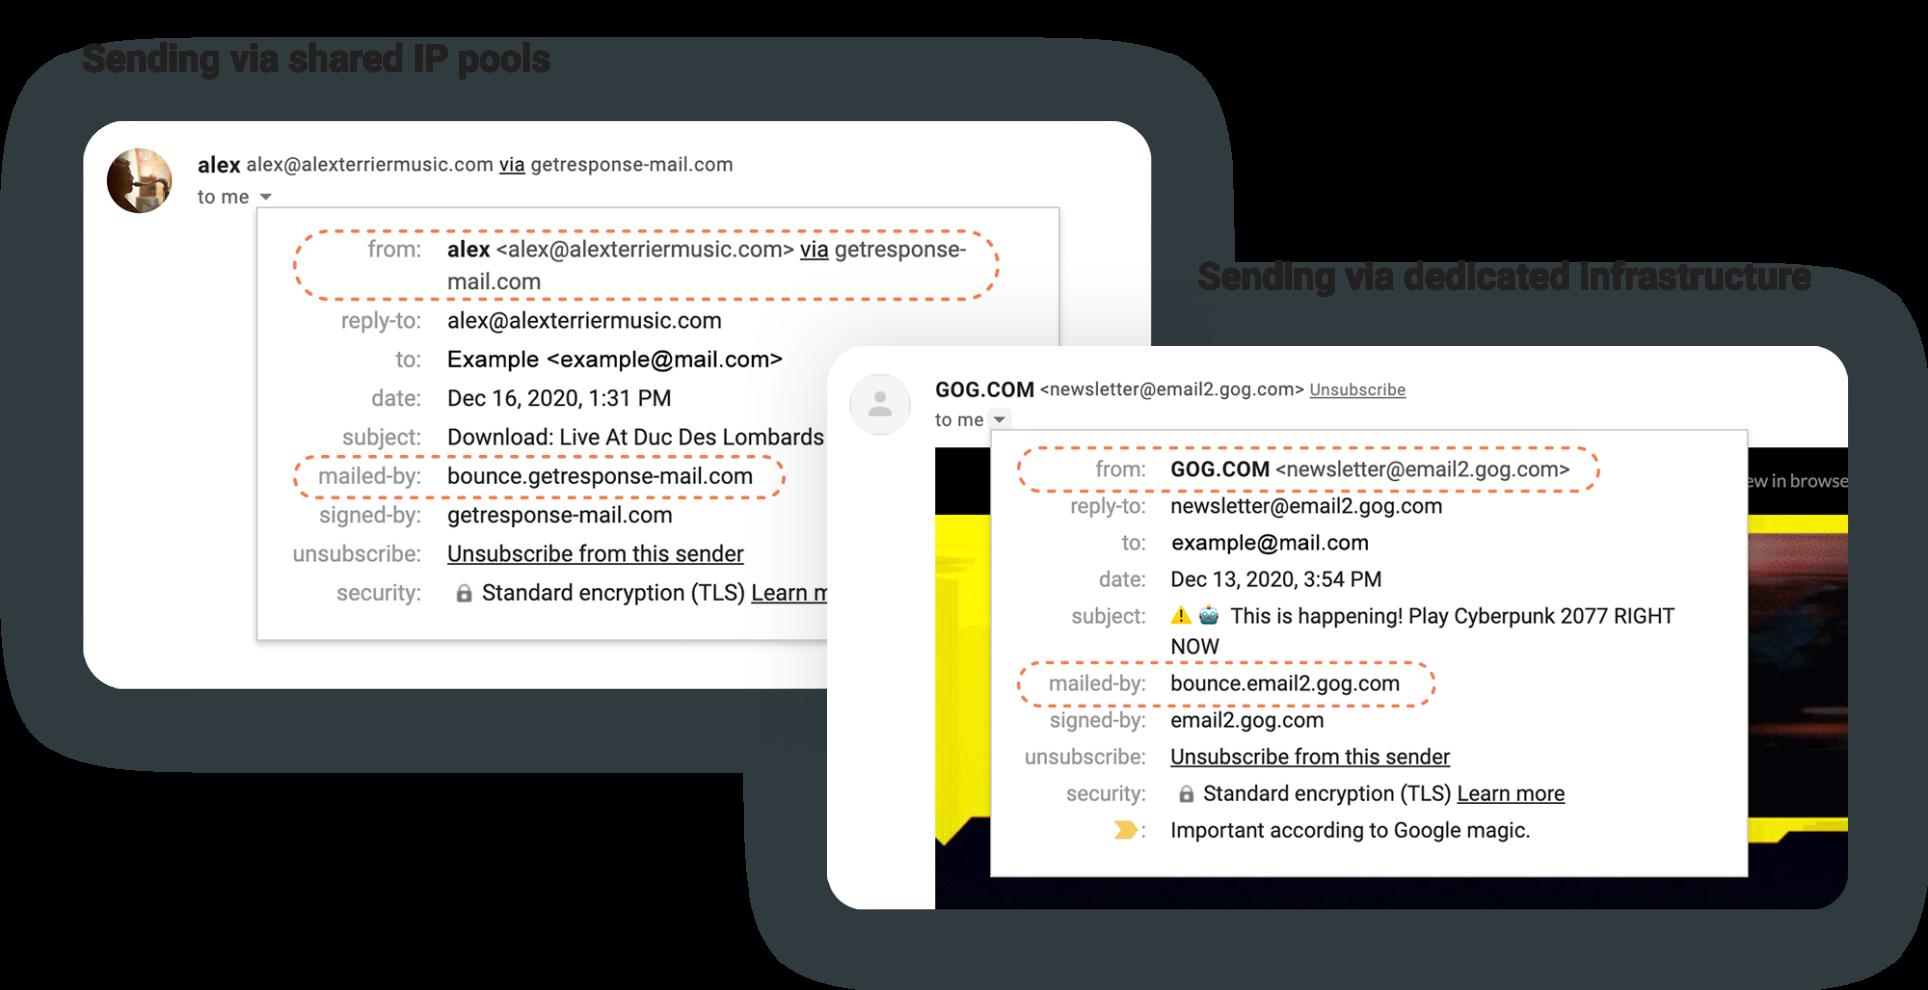 отправка с общего и выделенного IP-адреса - разница в email-адресах